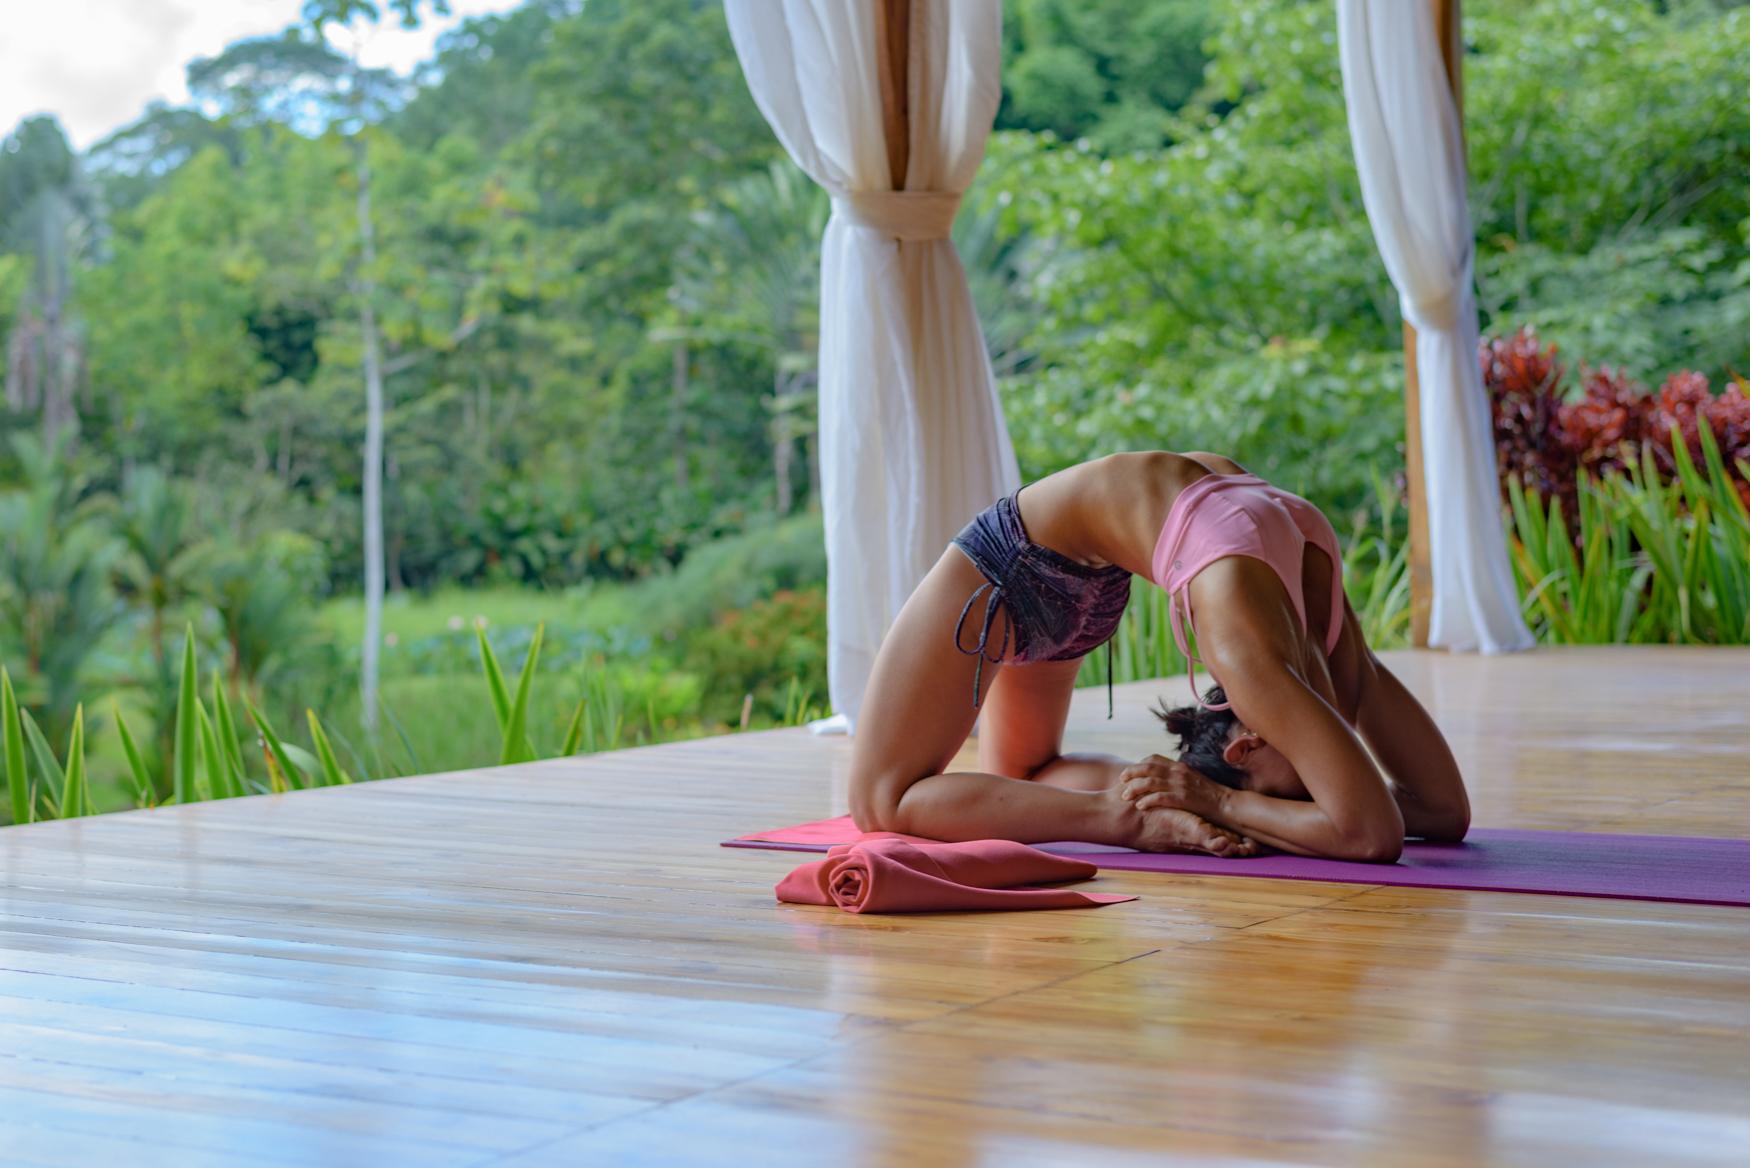 Yoga-Asana-Photography-Costa-Rica-5.jpg